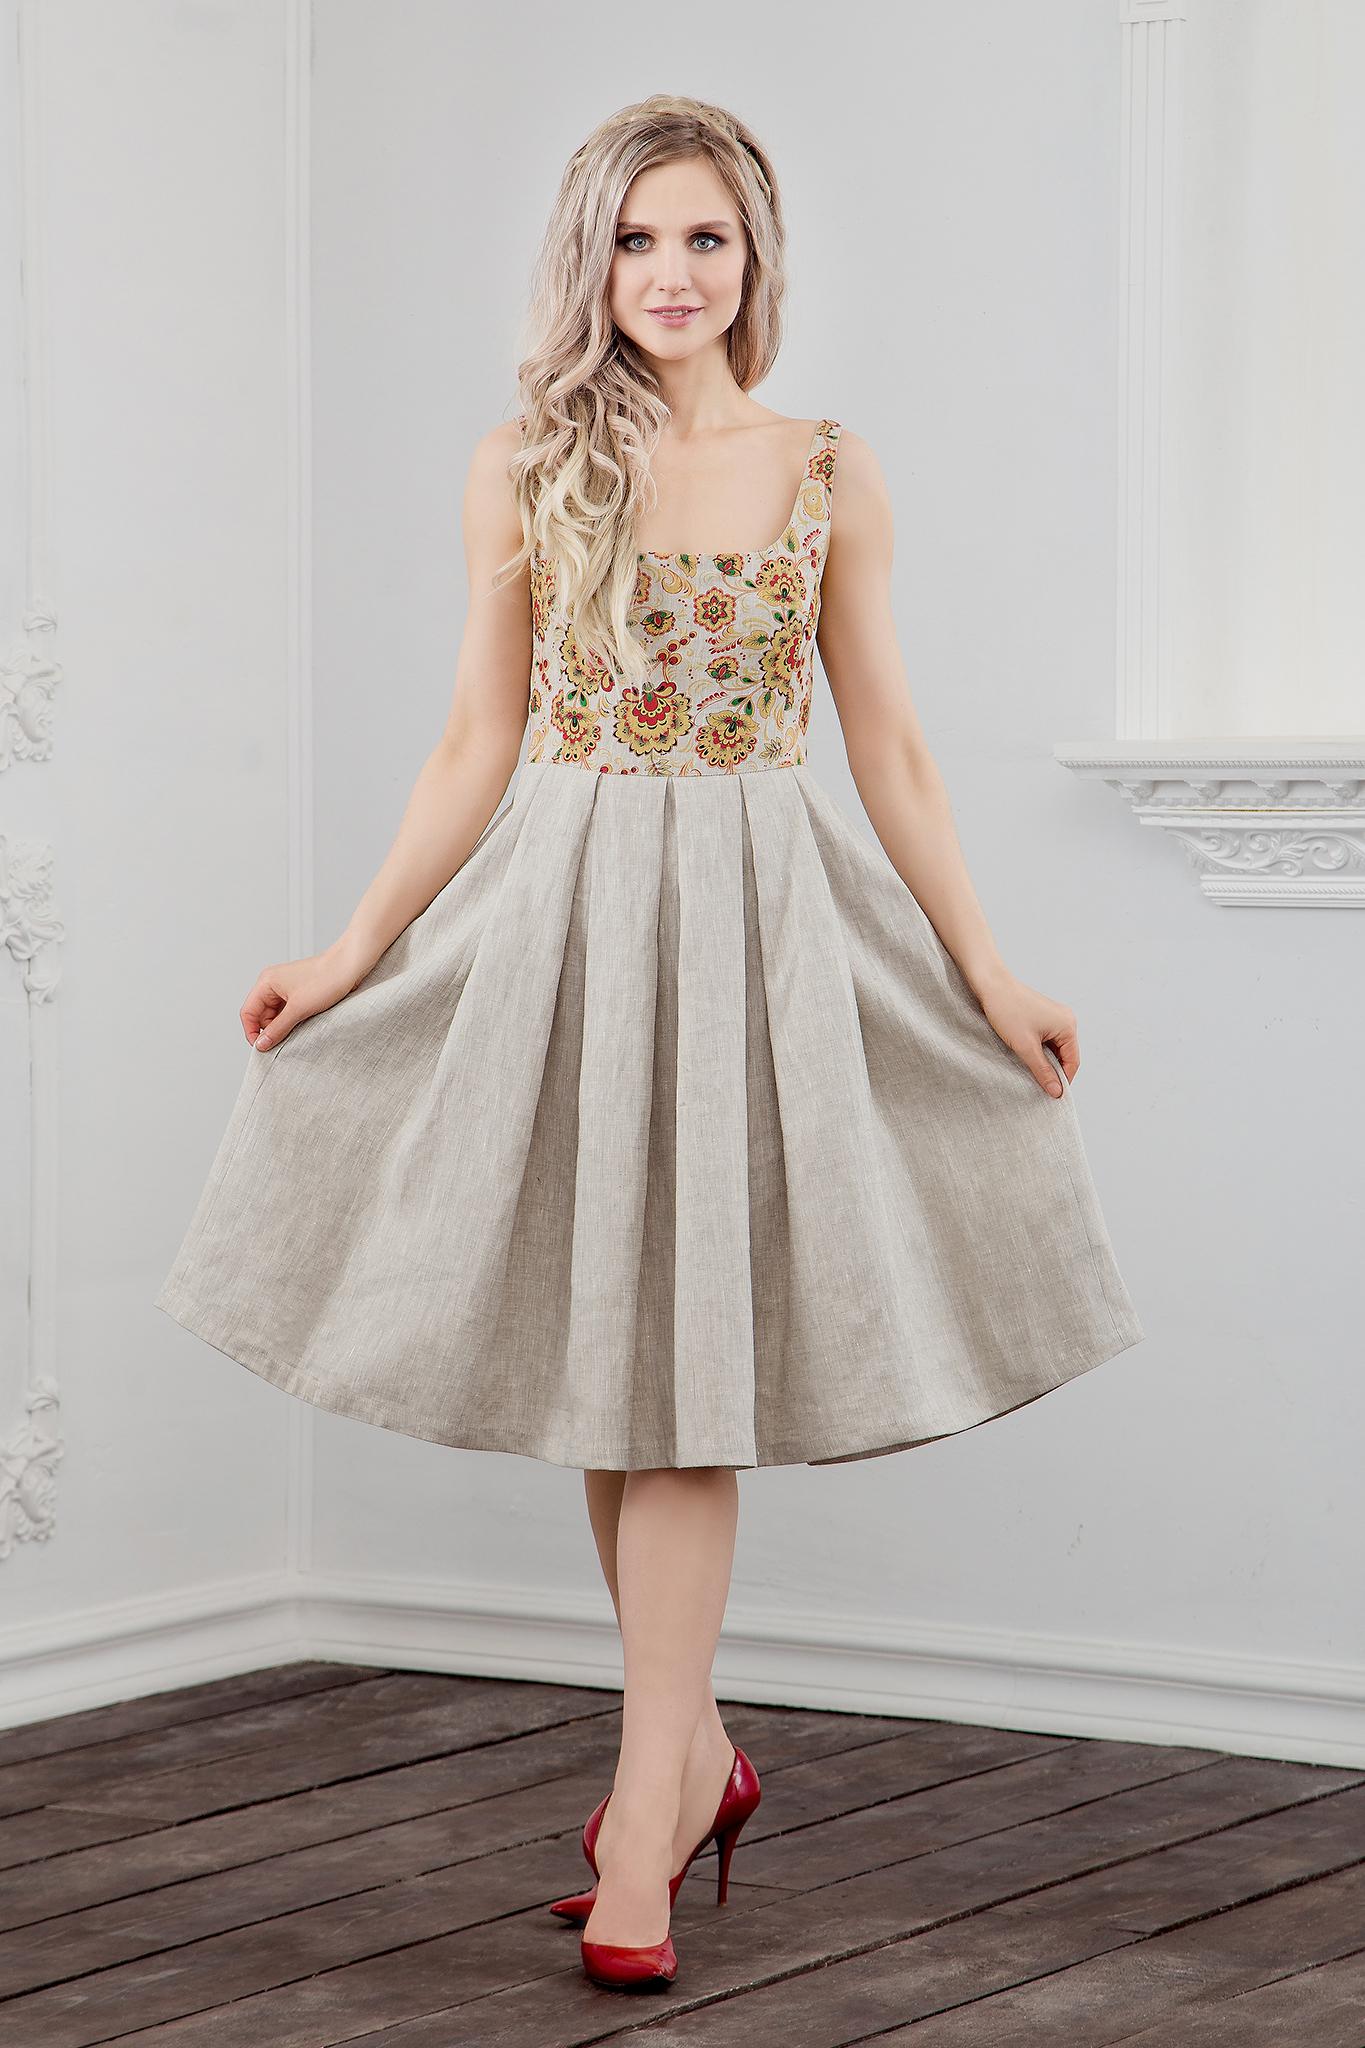 Платье Иванка c хохломой купить в магазине Иванка